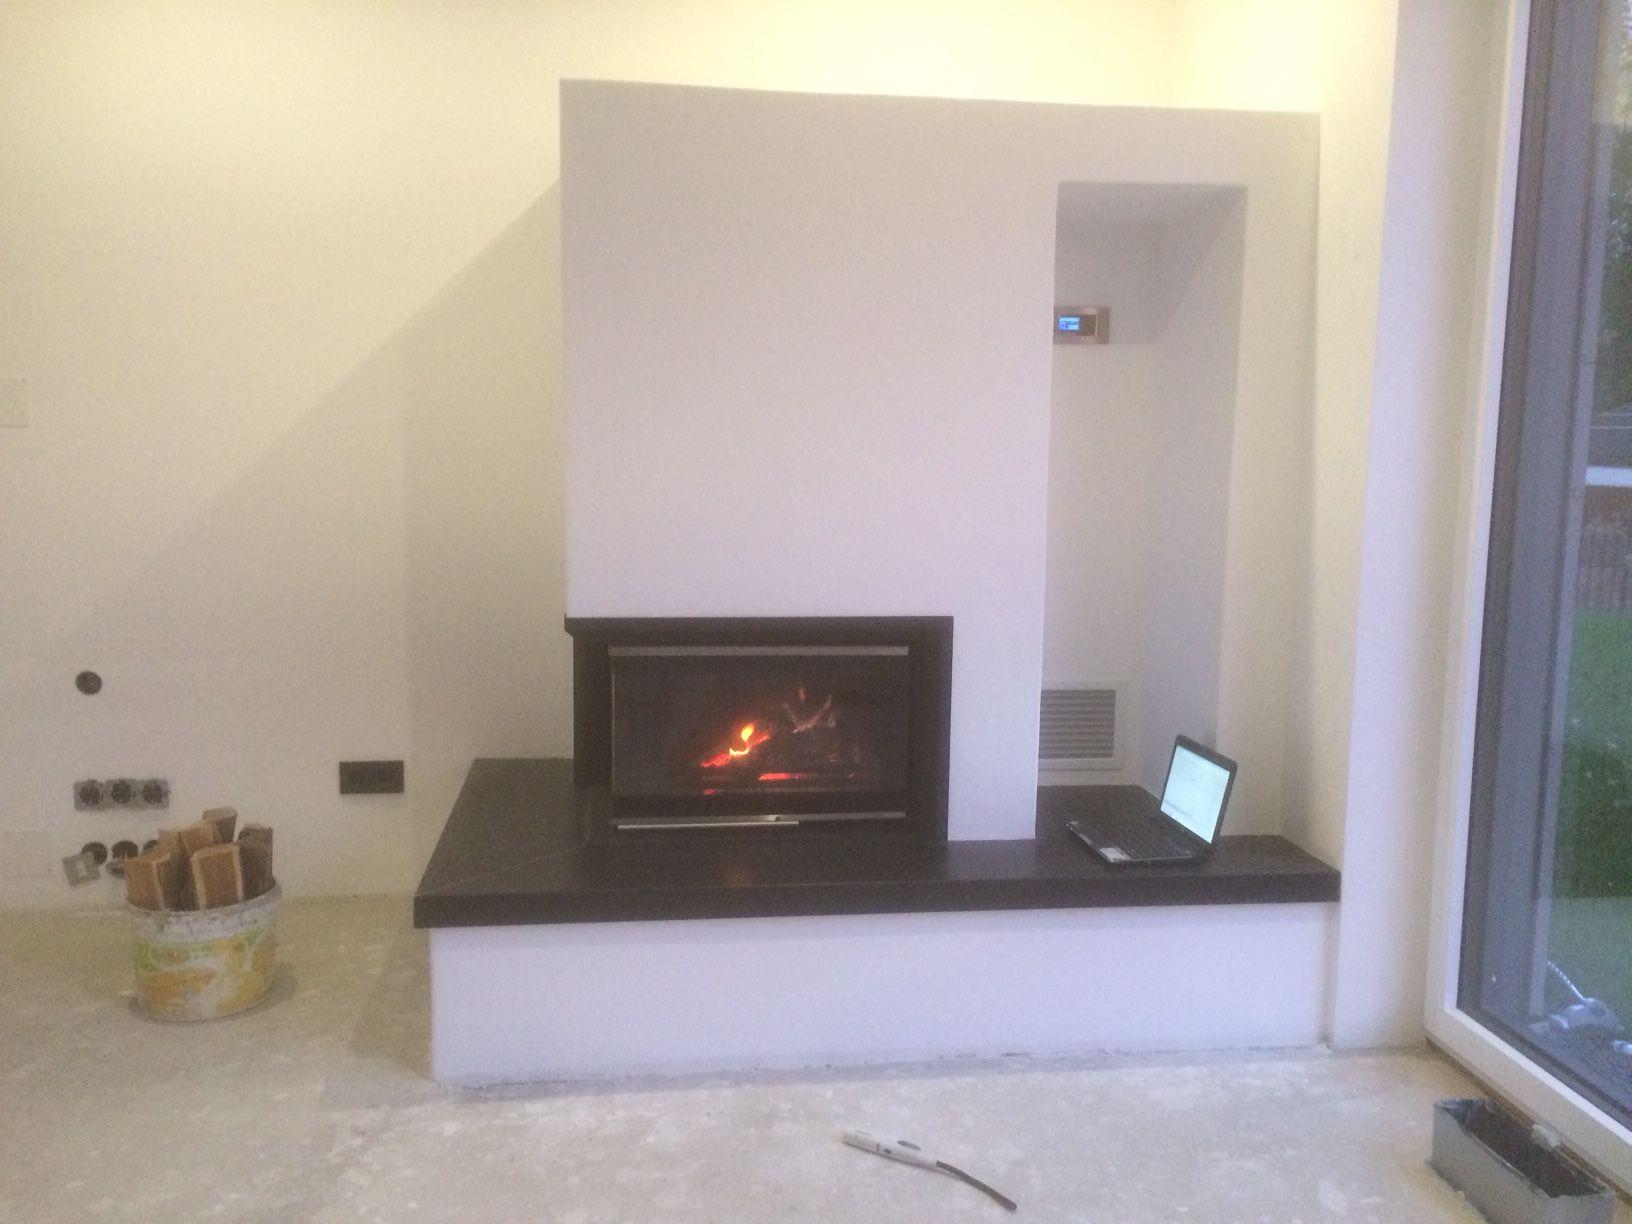 das vollendete kaminprojekt gebaut aus unseren w rmed mmplatten und mit ofenputz versiegelt. Black Bedroom Furniture Sets. Home Design Ideas